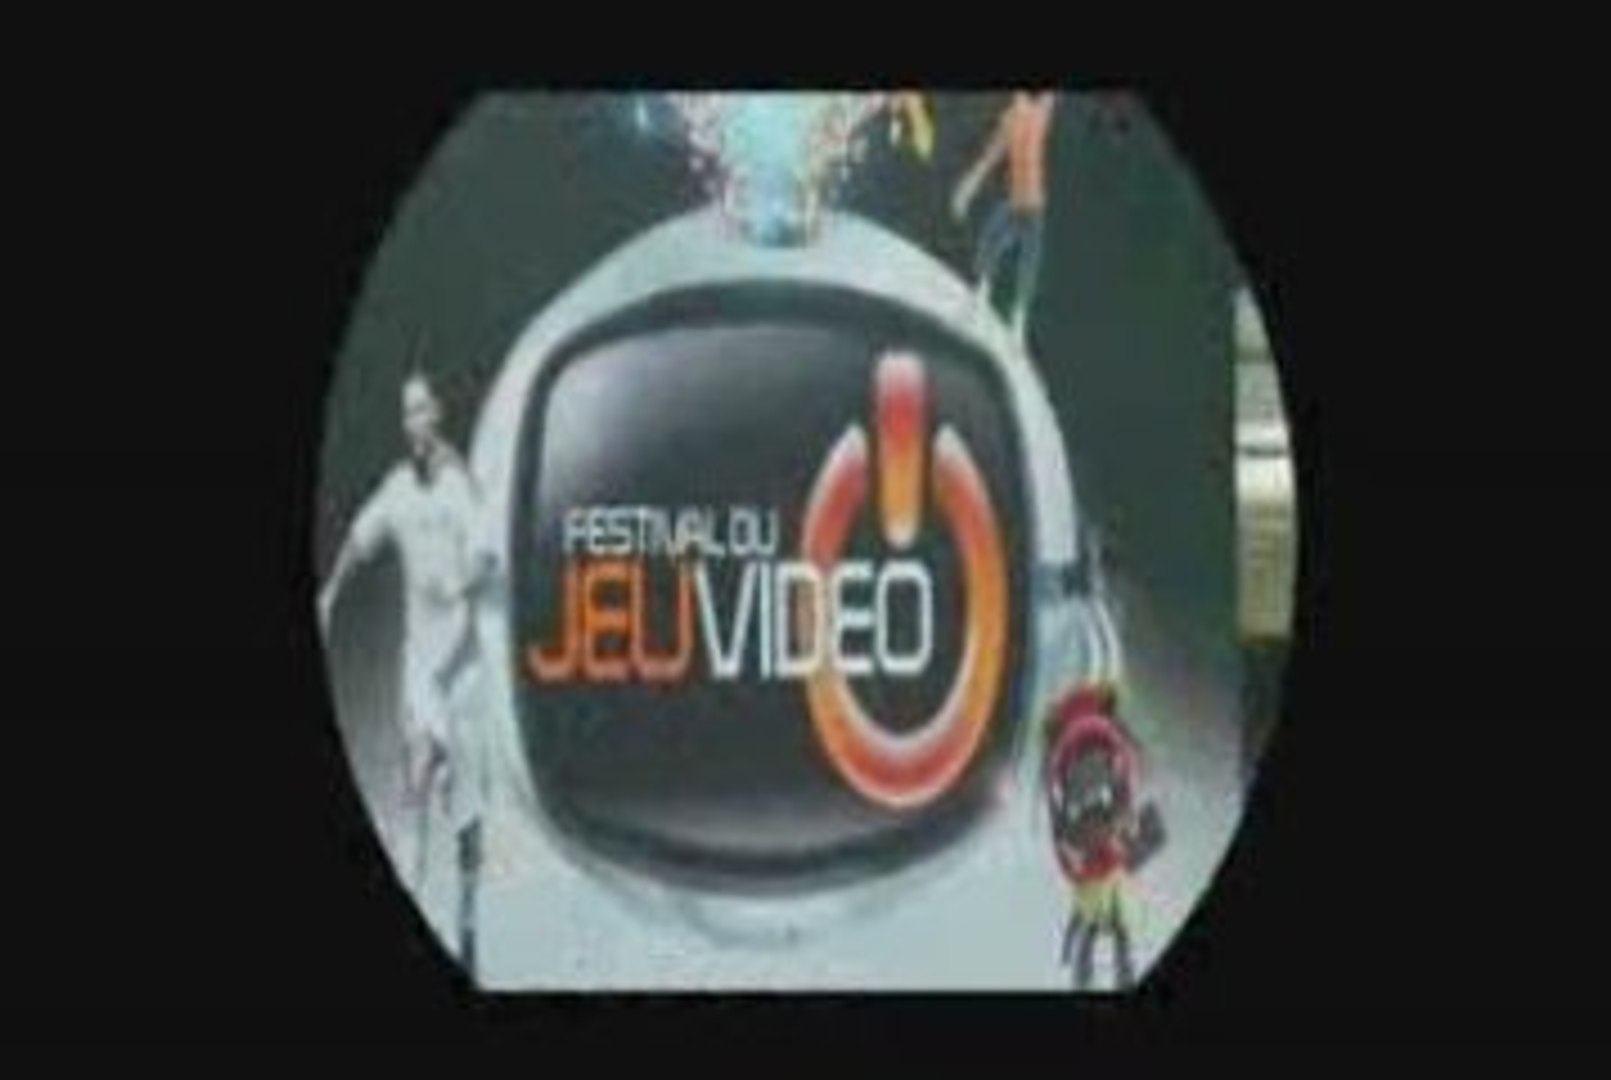 Festival du Jeu Vidéo 2009